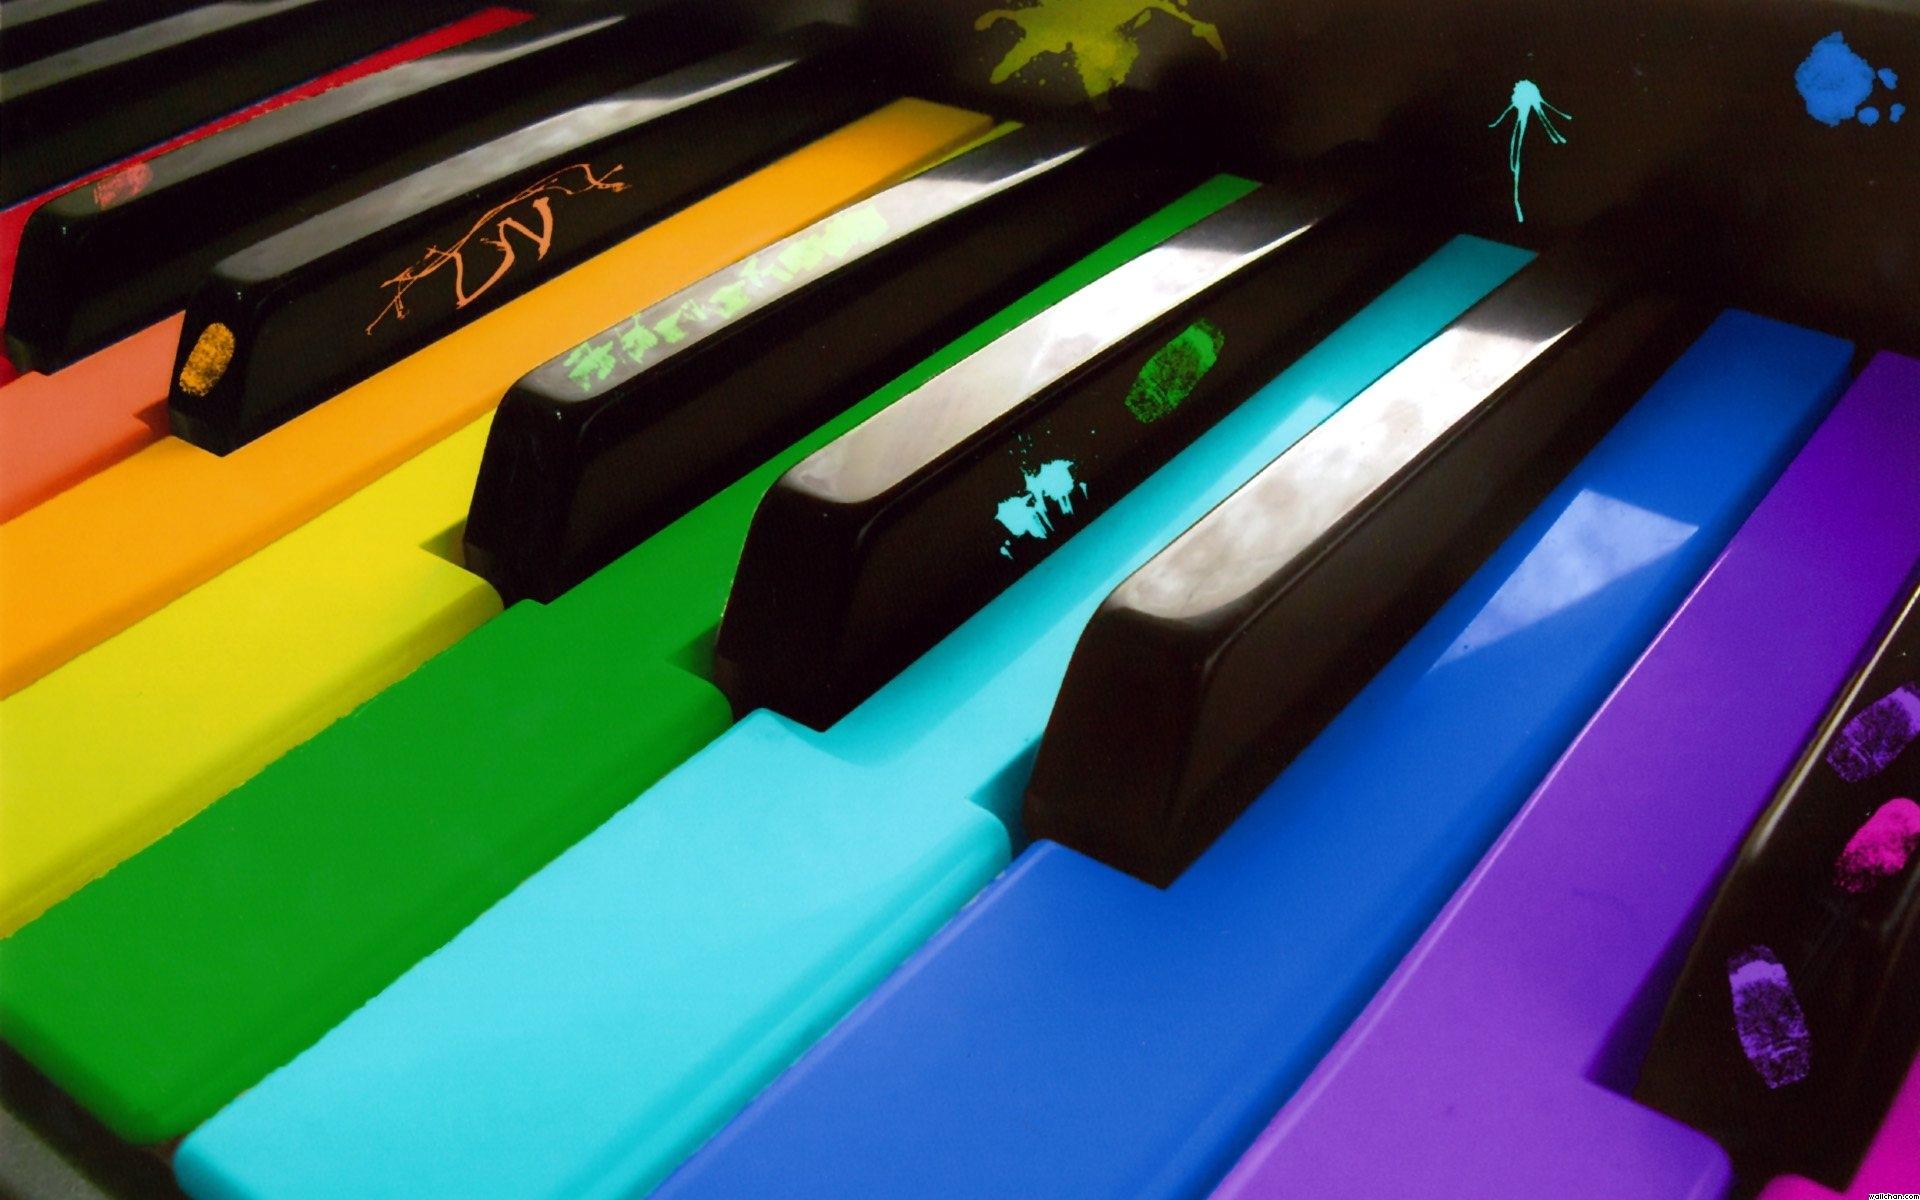 Piano-Wallpaper-music-24173627-1920-1200.jpg